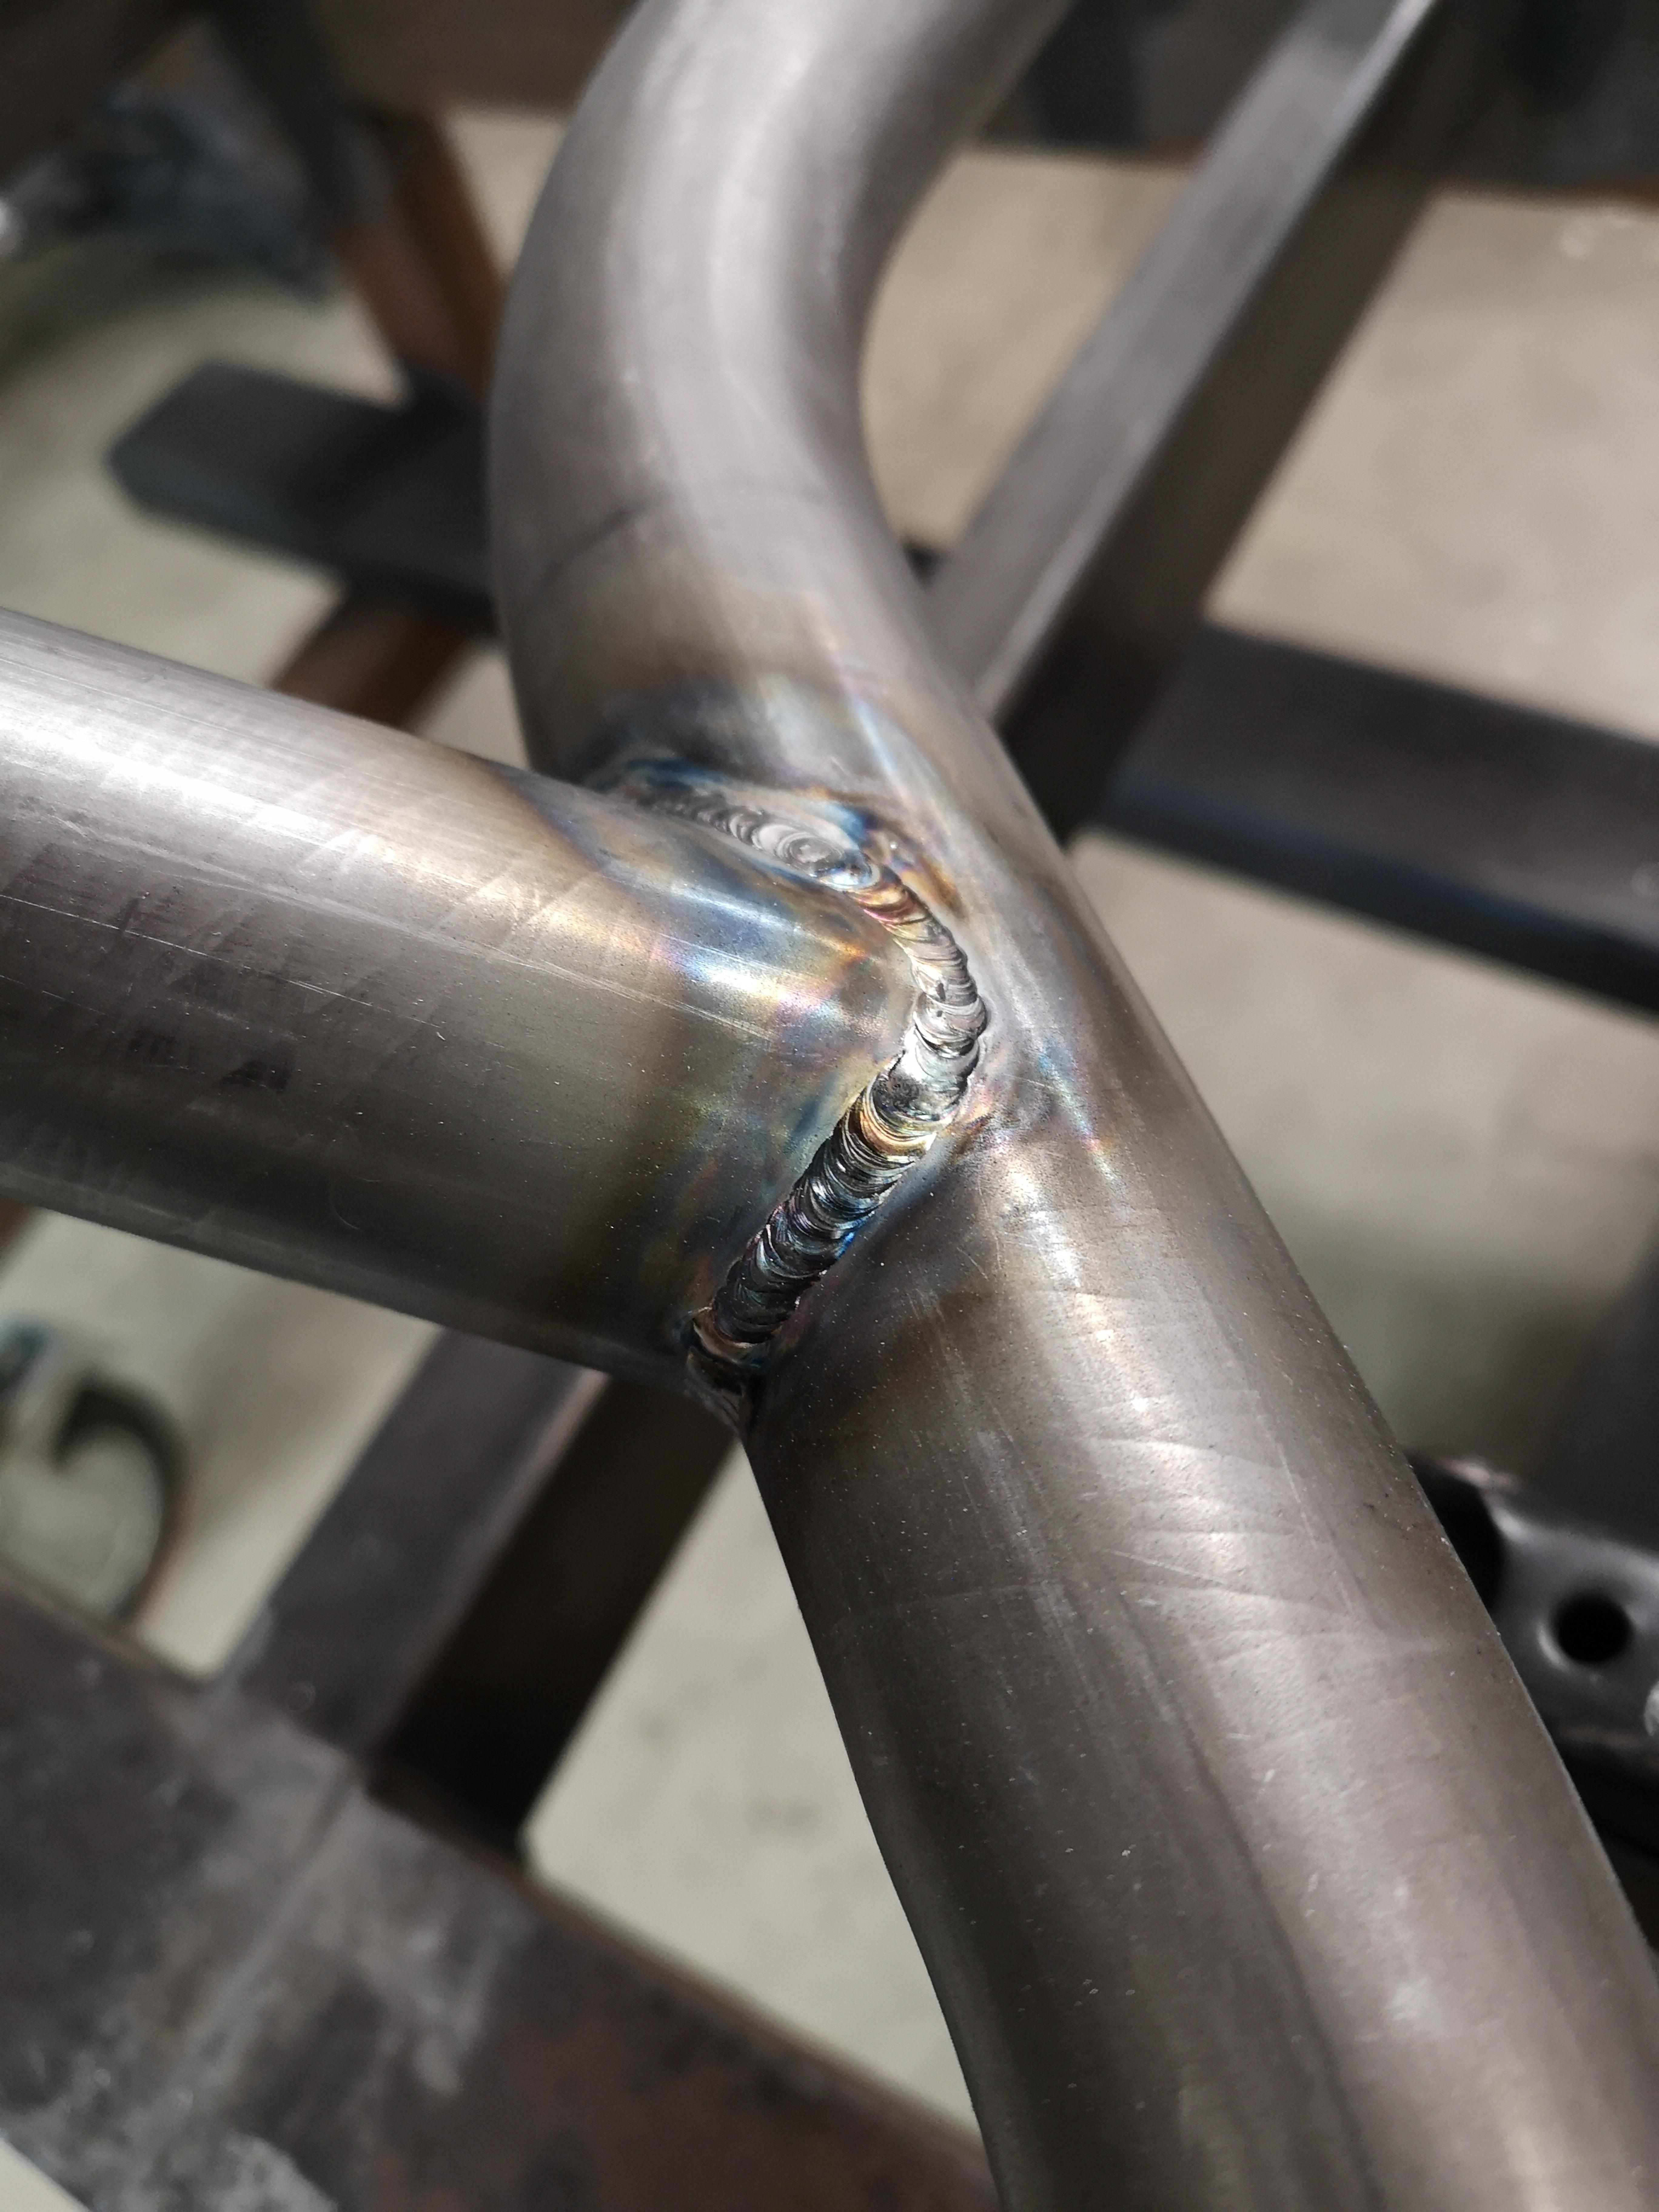 Tig_welding